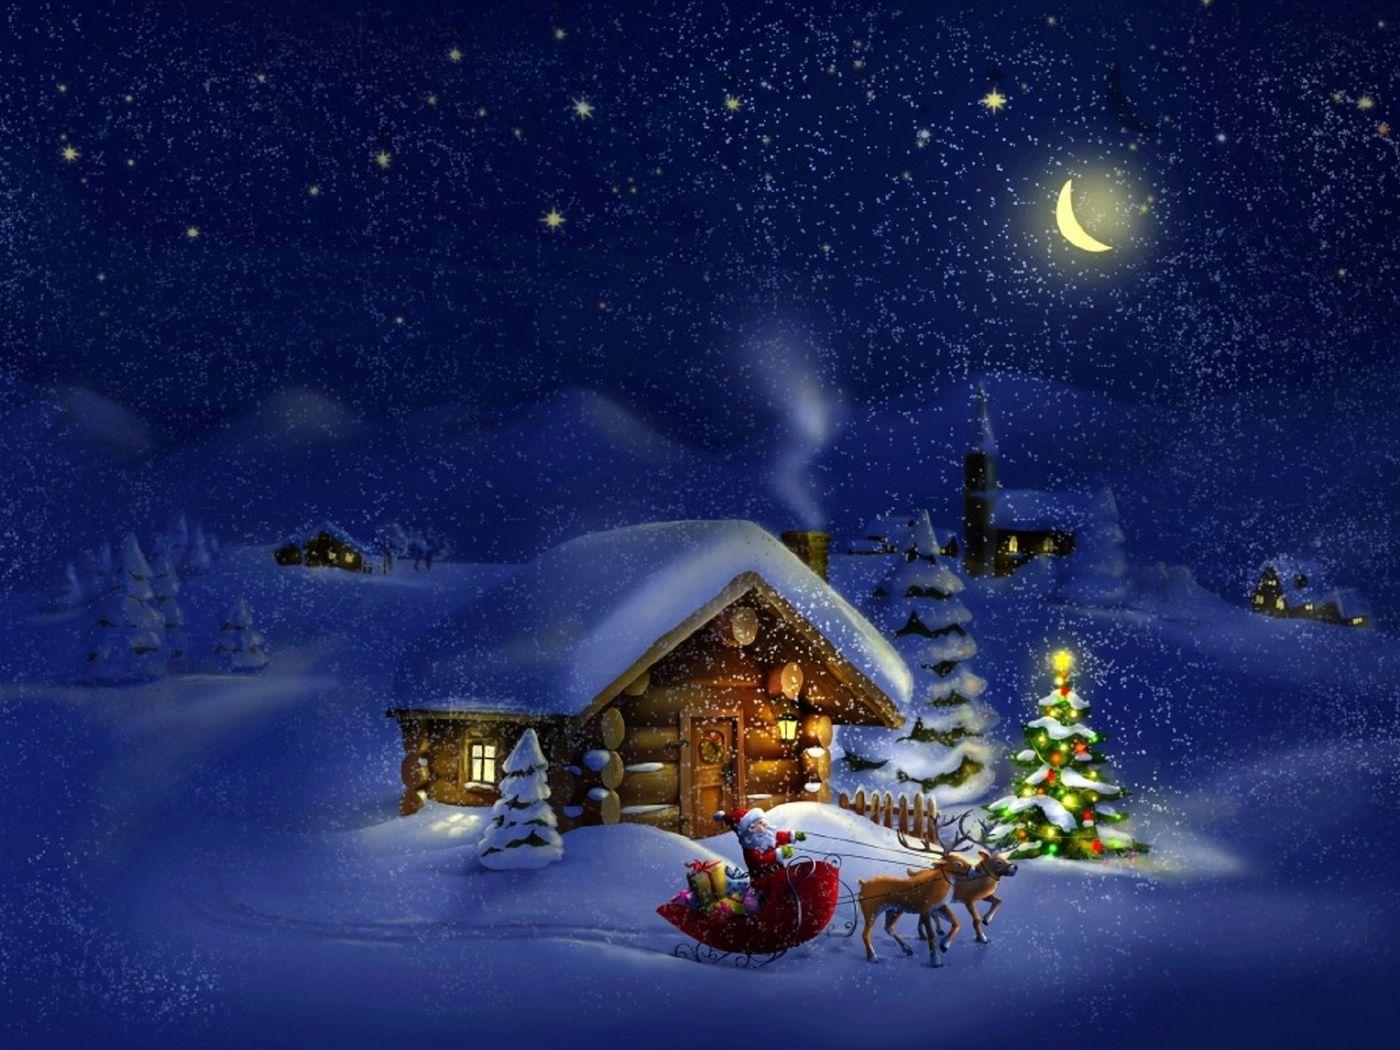 новый год, дед мороз, олени, домики, зима, снег, елки ...